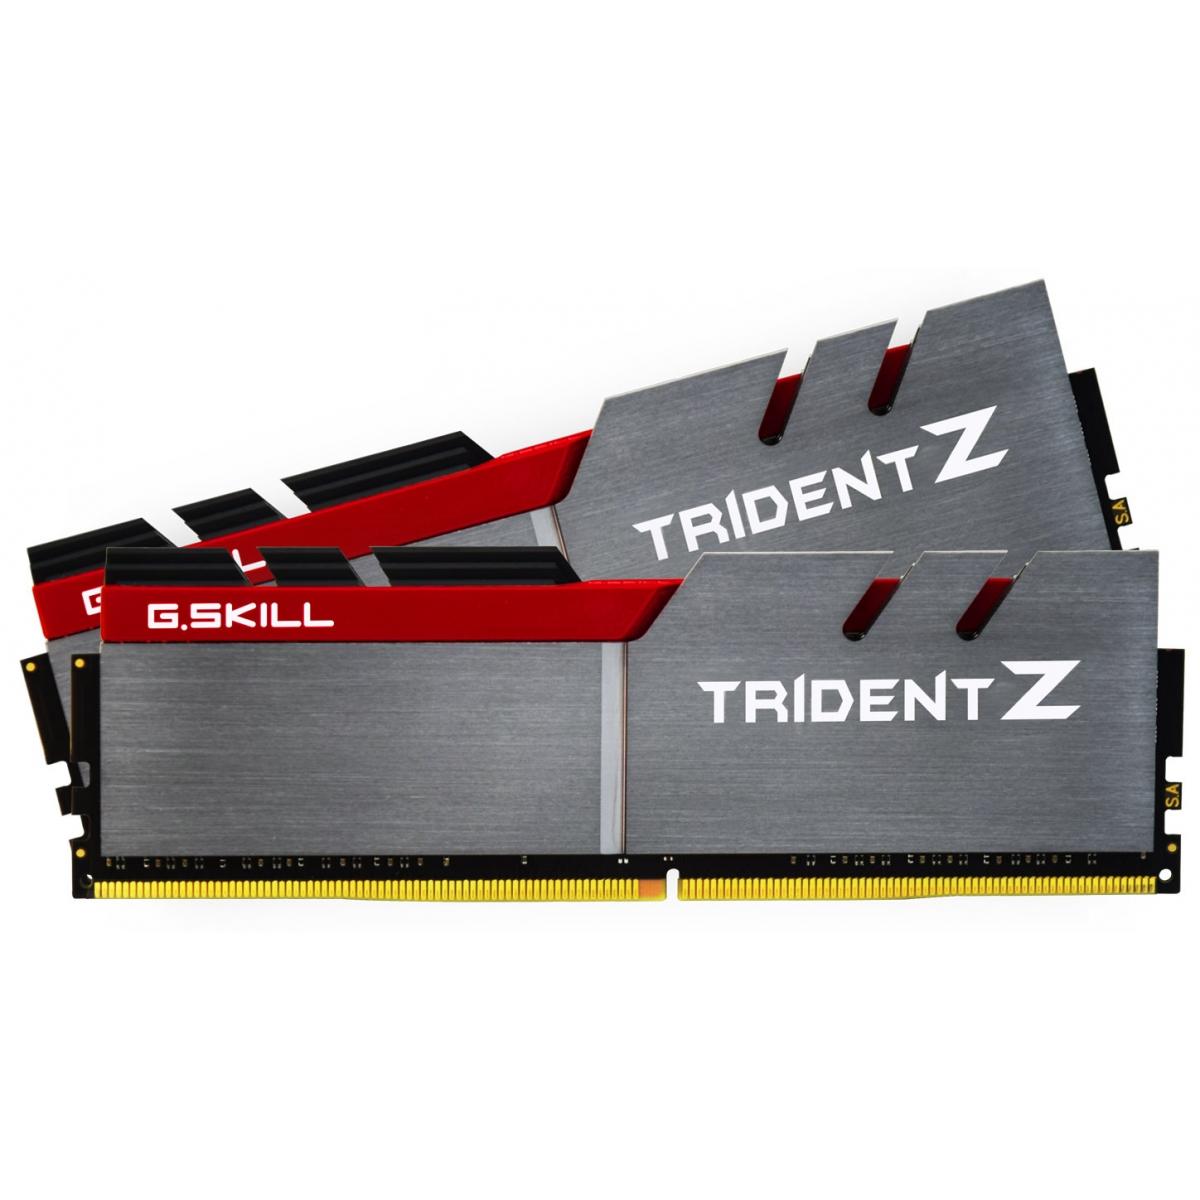 Memória DDR4 G.Skill Trident Z, 16GB (2x8GB) 3000MHz, F4-3000C15D-16GTZB